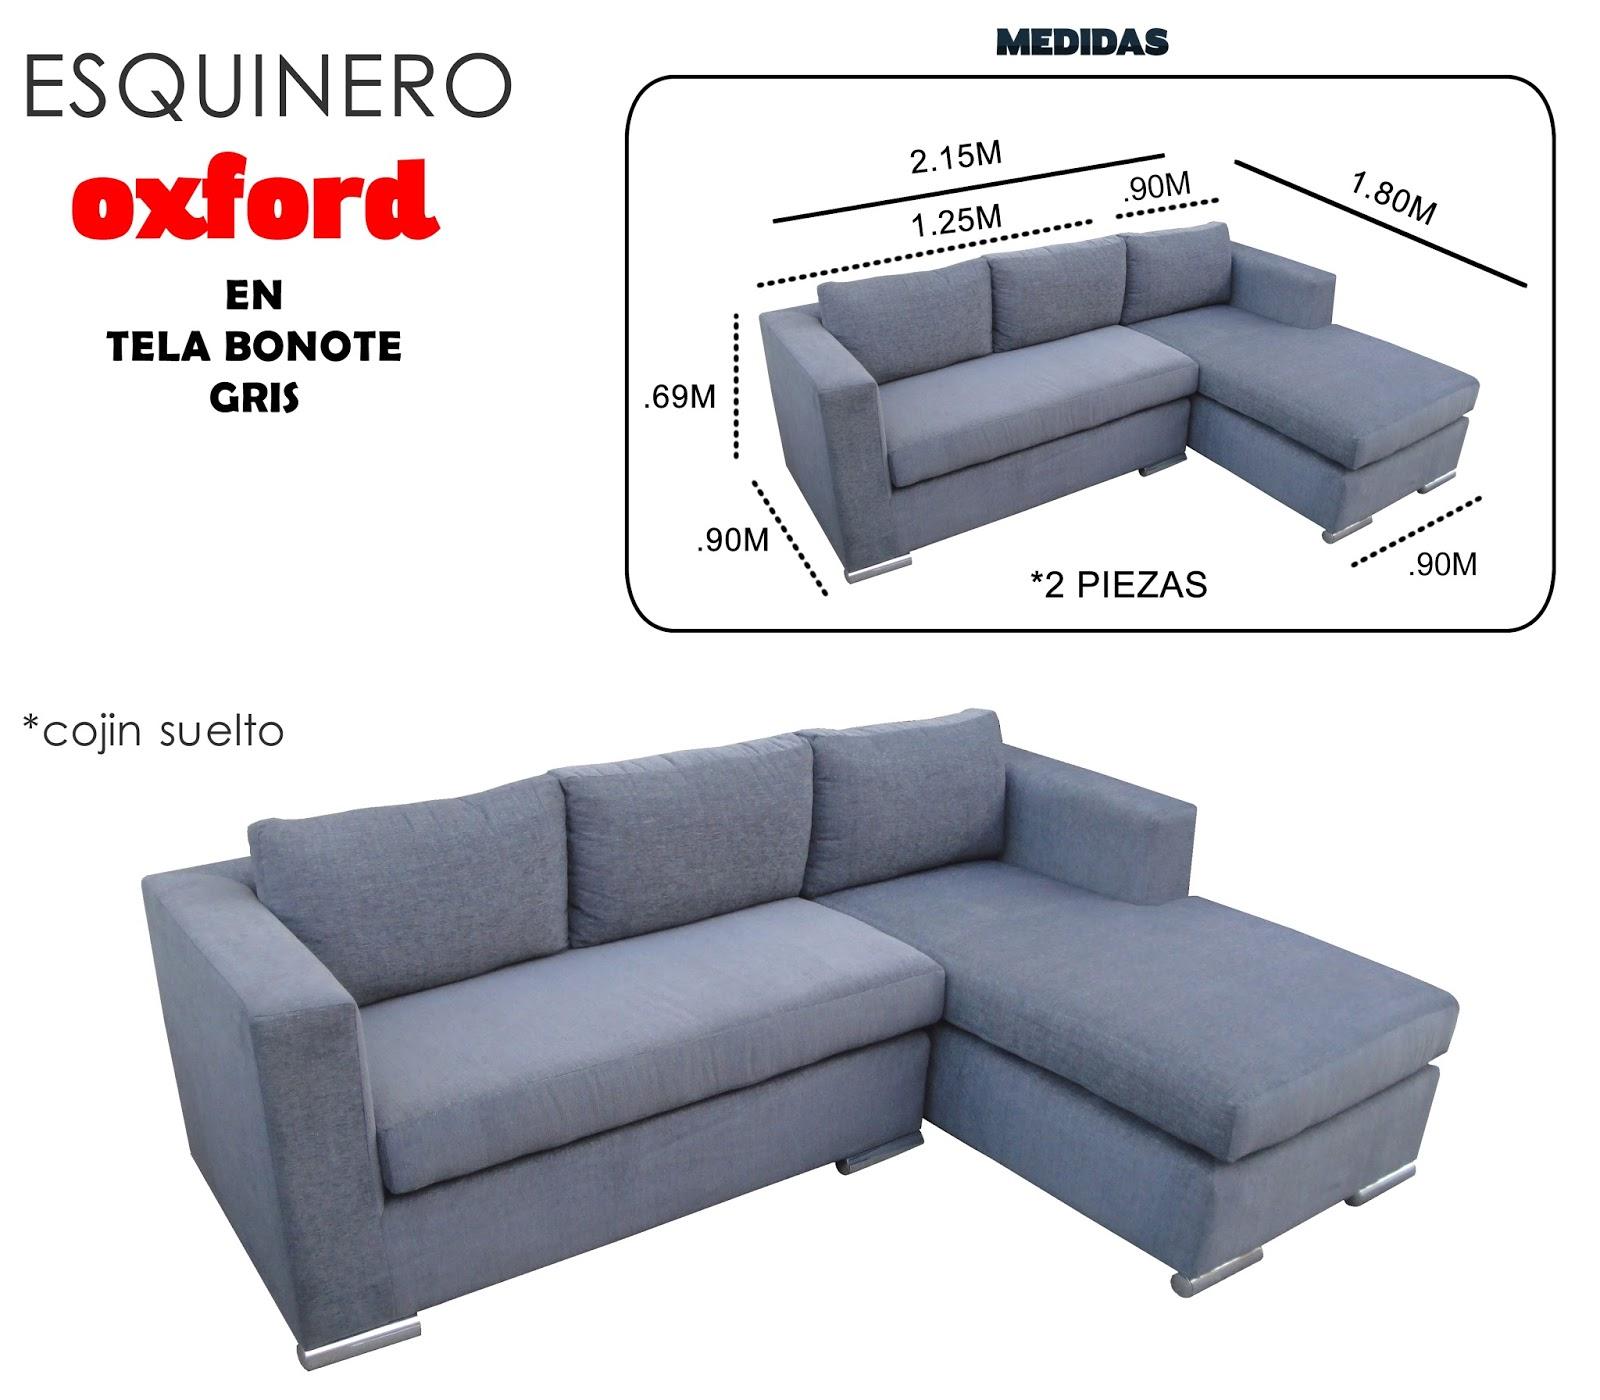 Muebleria zambrano muebles minimalista guadalajara salas for Mueblerias en guadalajara minimalistas